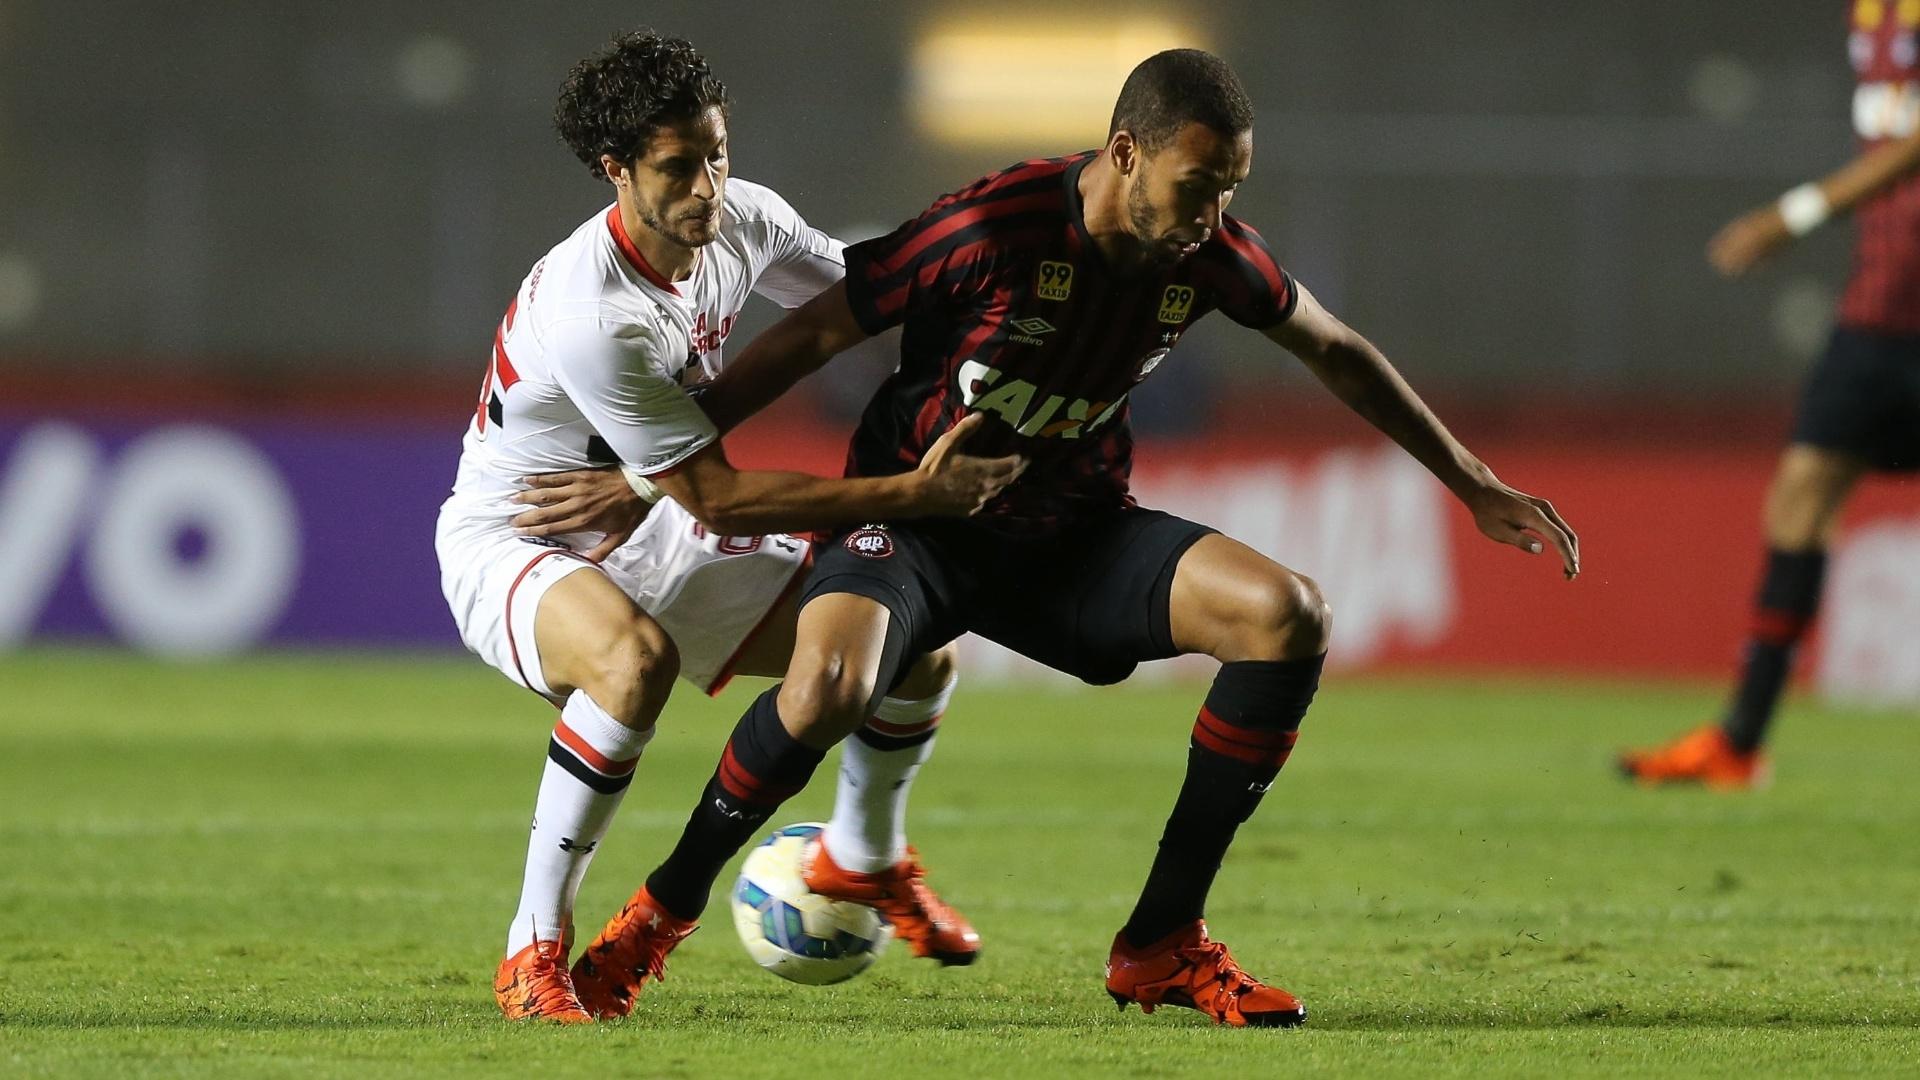 Hudson marca o adversário em lance do jogo entre São Paulo e Atlético-PR